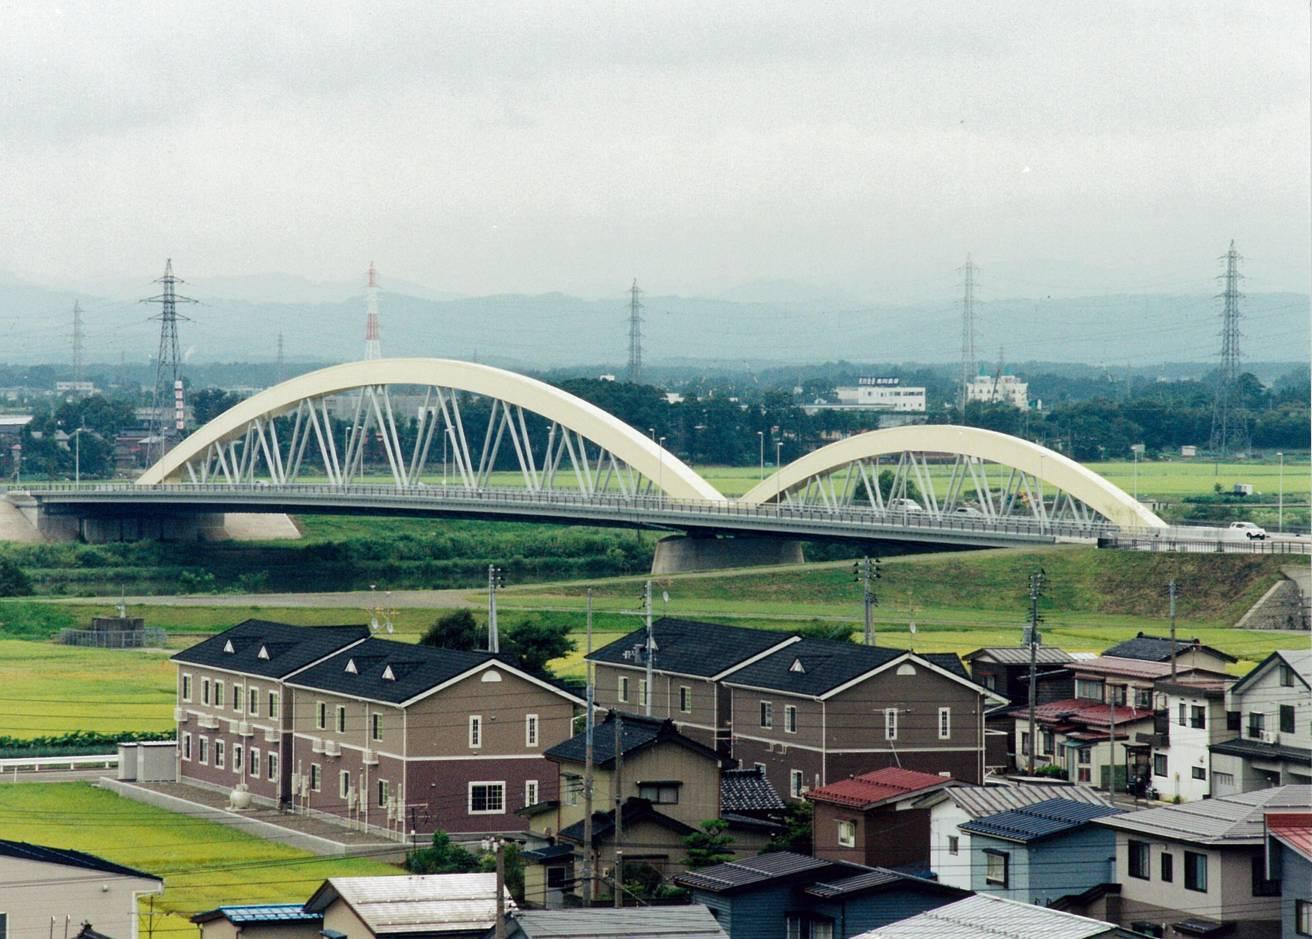 謙信公大橋